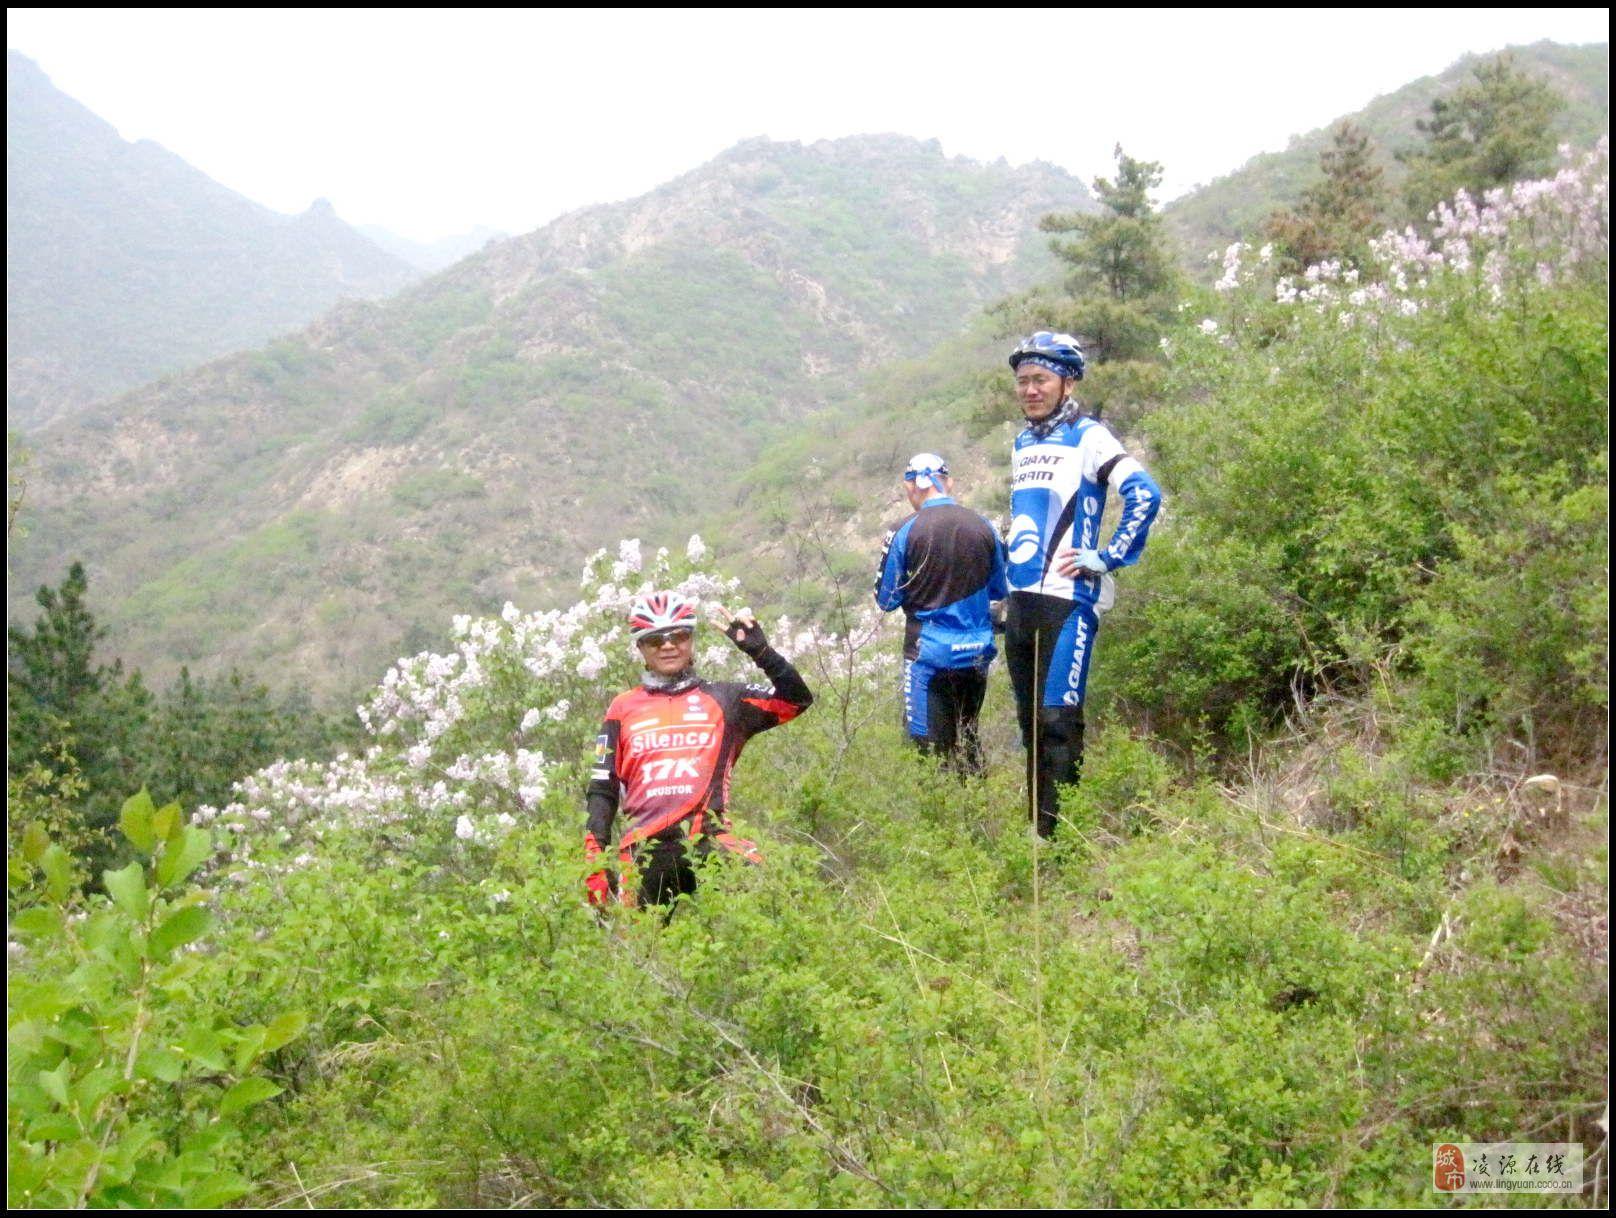 5月18日骑行建平县,榆树林子留沟村